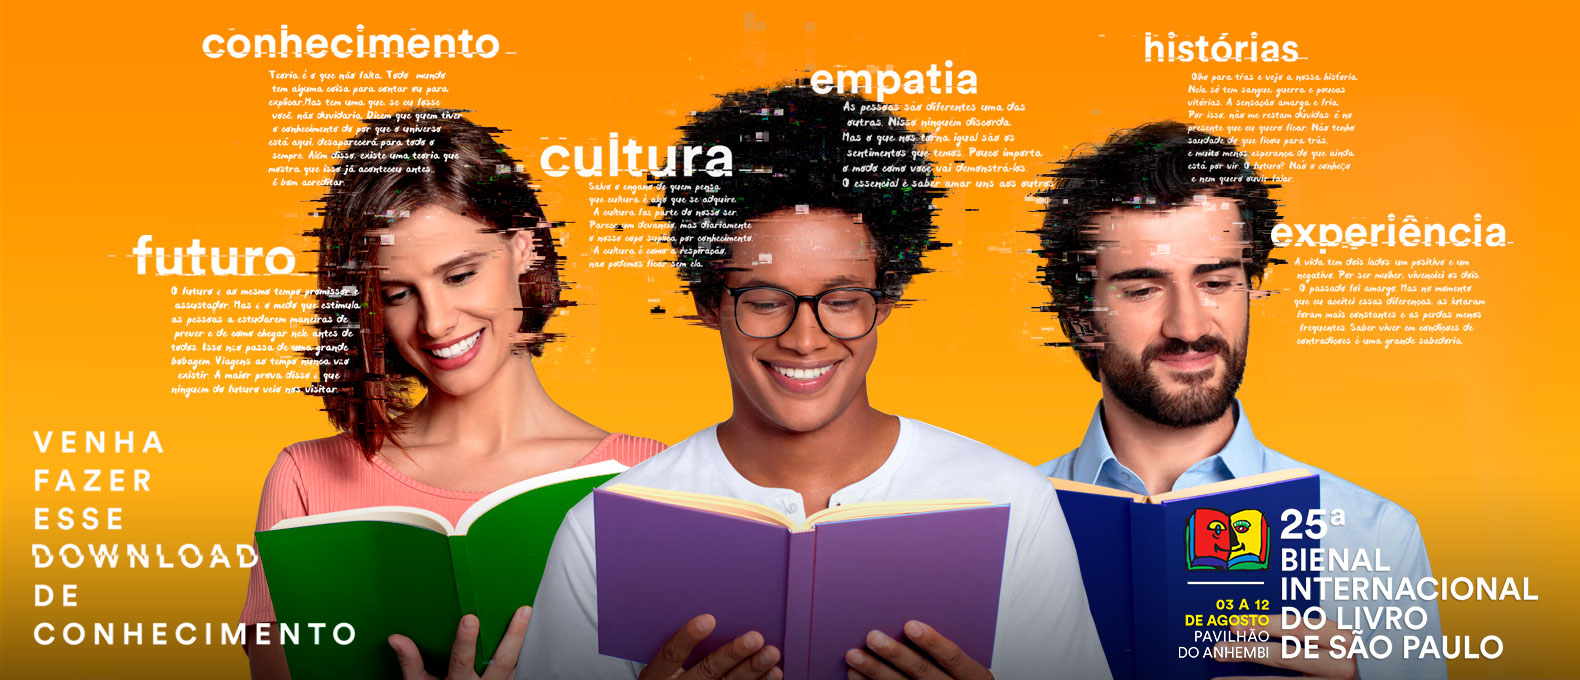 Bienal do Livro SP